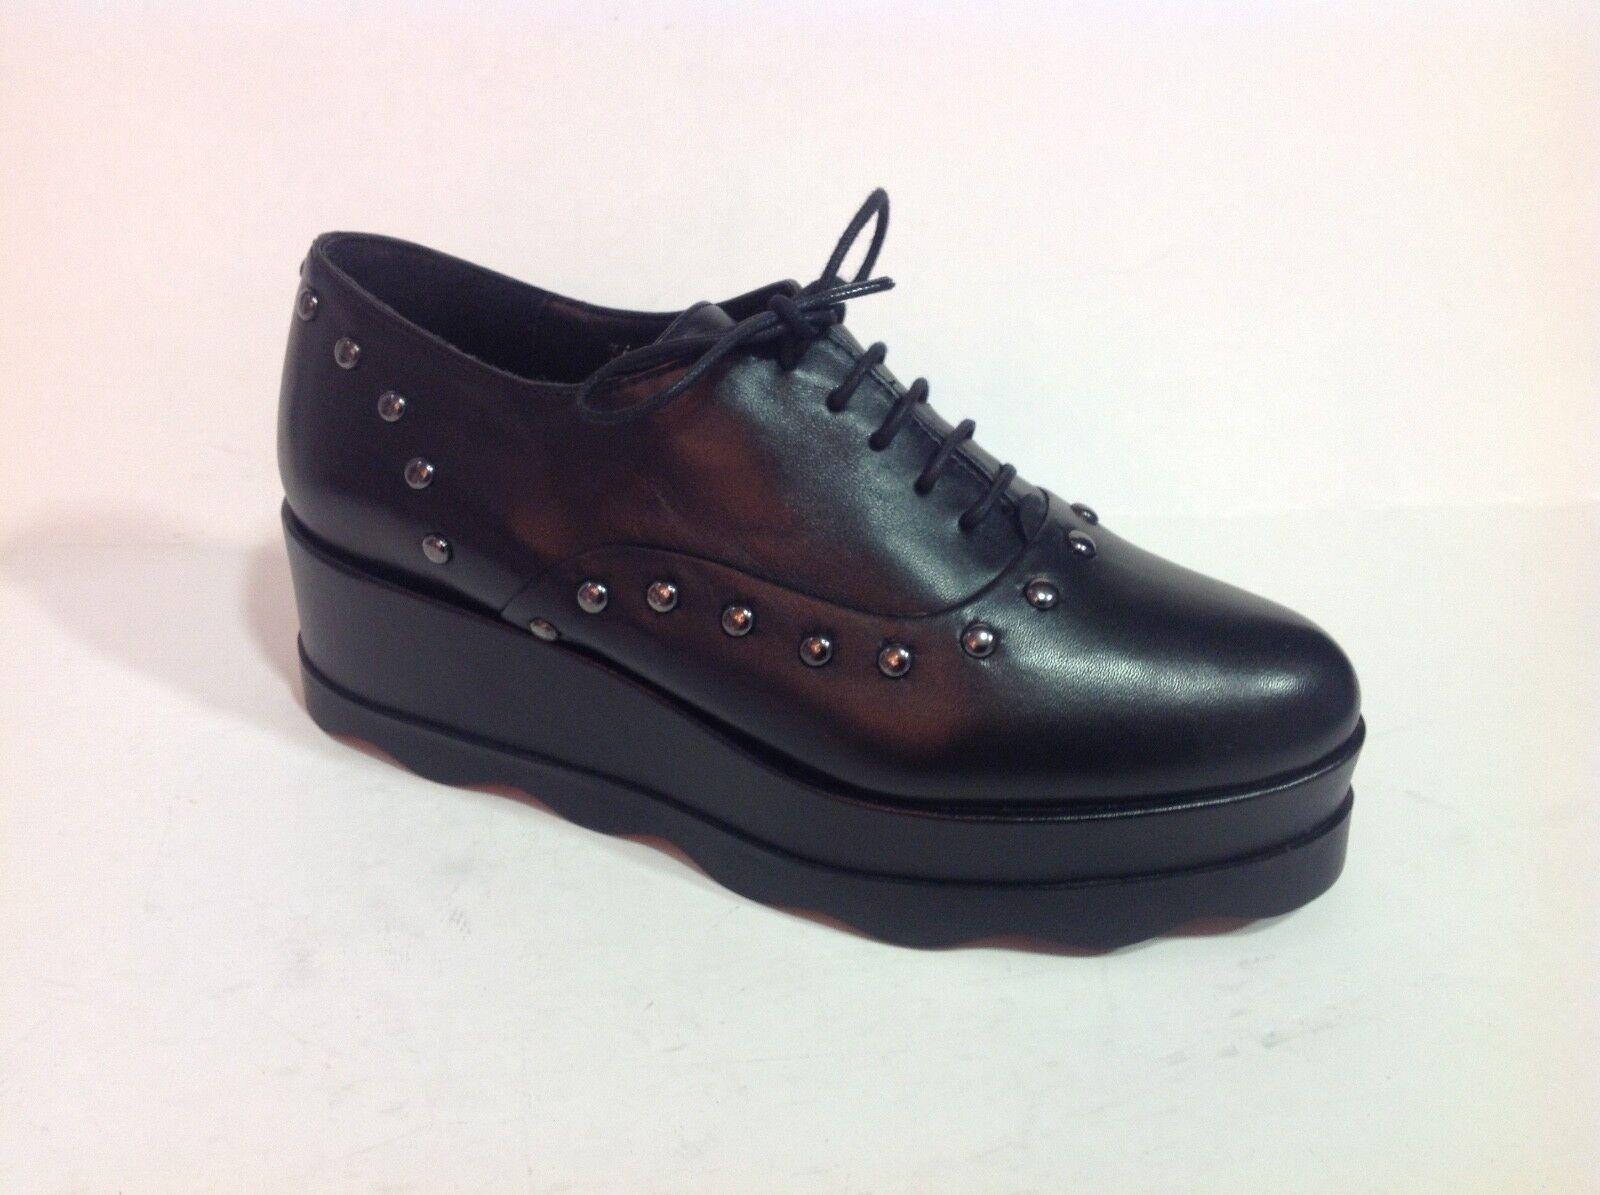 chaussure femme derby Bruno Premi en cuir noir sur plateau de 5 cm pointure 36